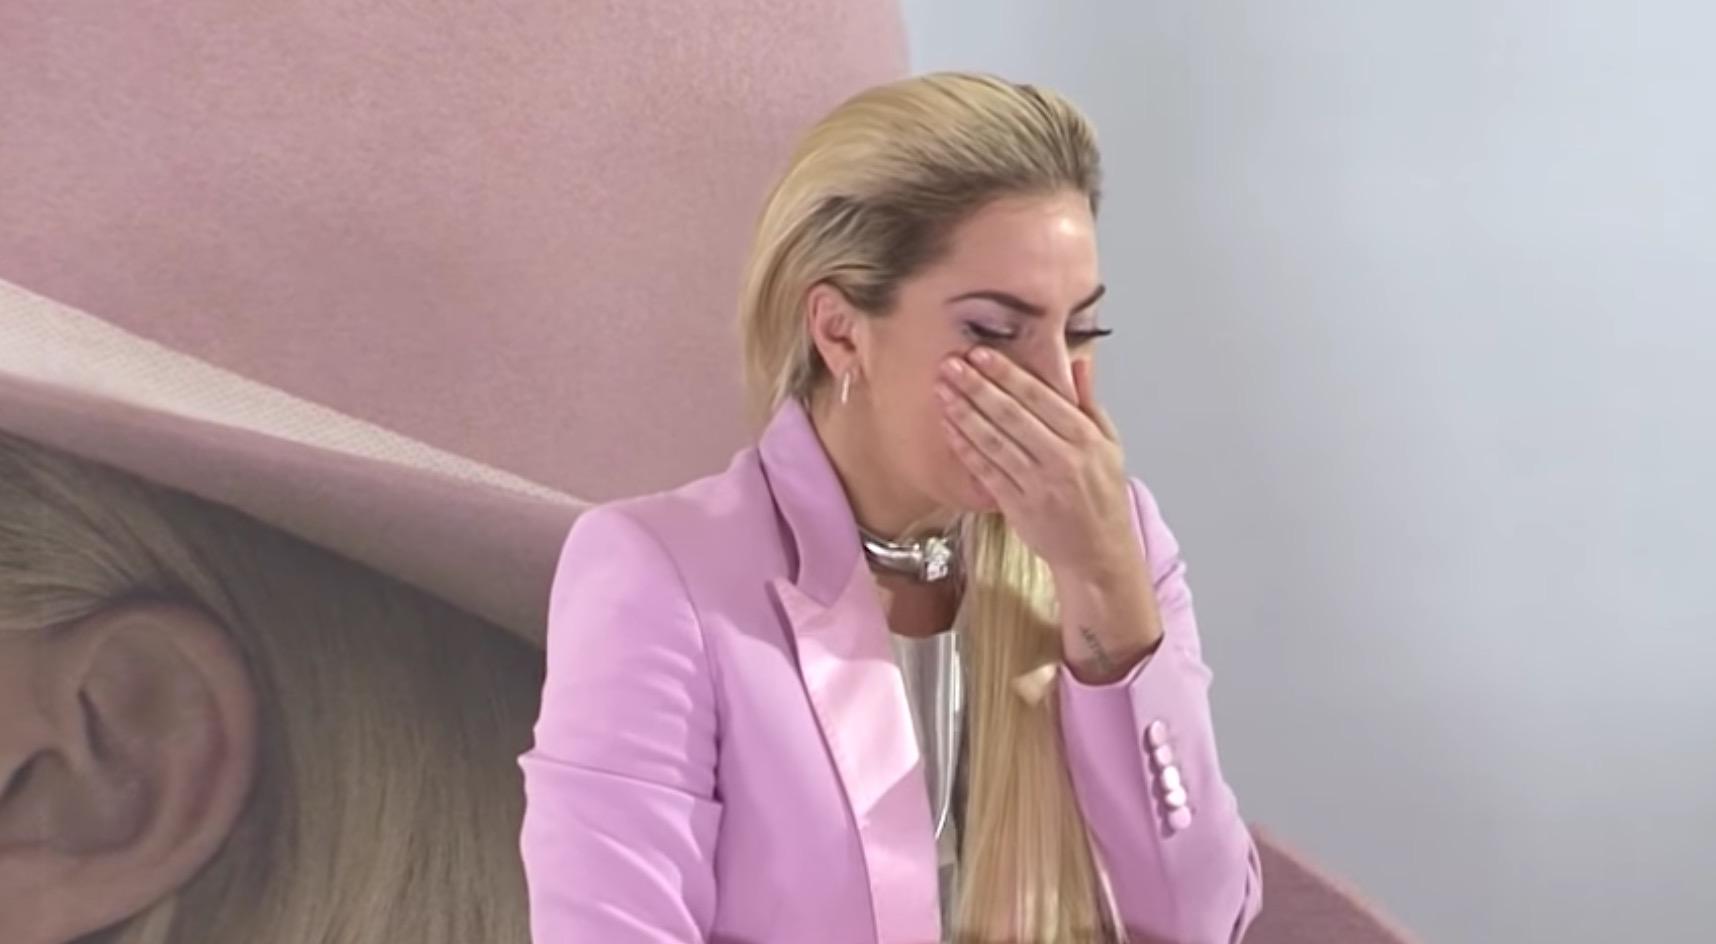 レディー・ガガさん、来日記者会見で涙したそのワケは?「心の綺麗な人」「感動した」などの声